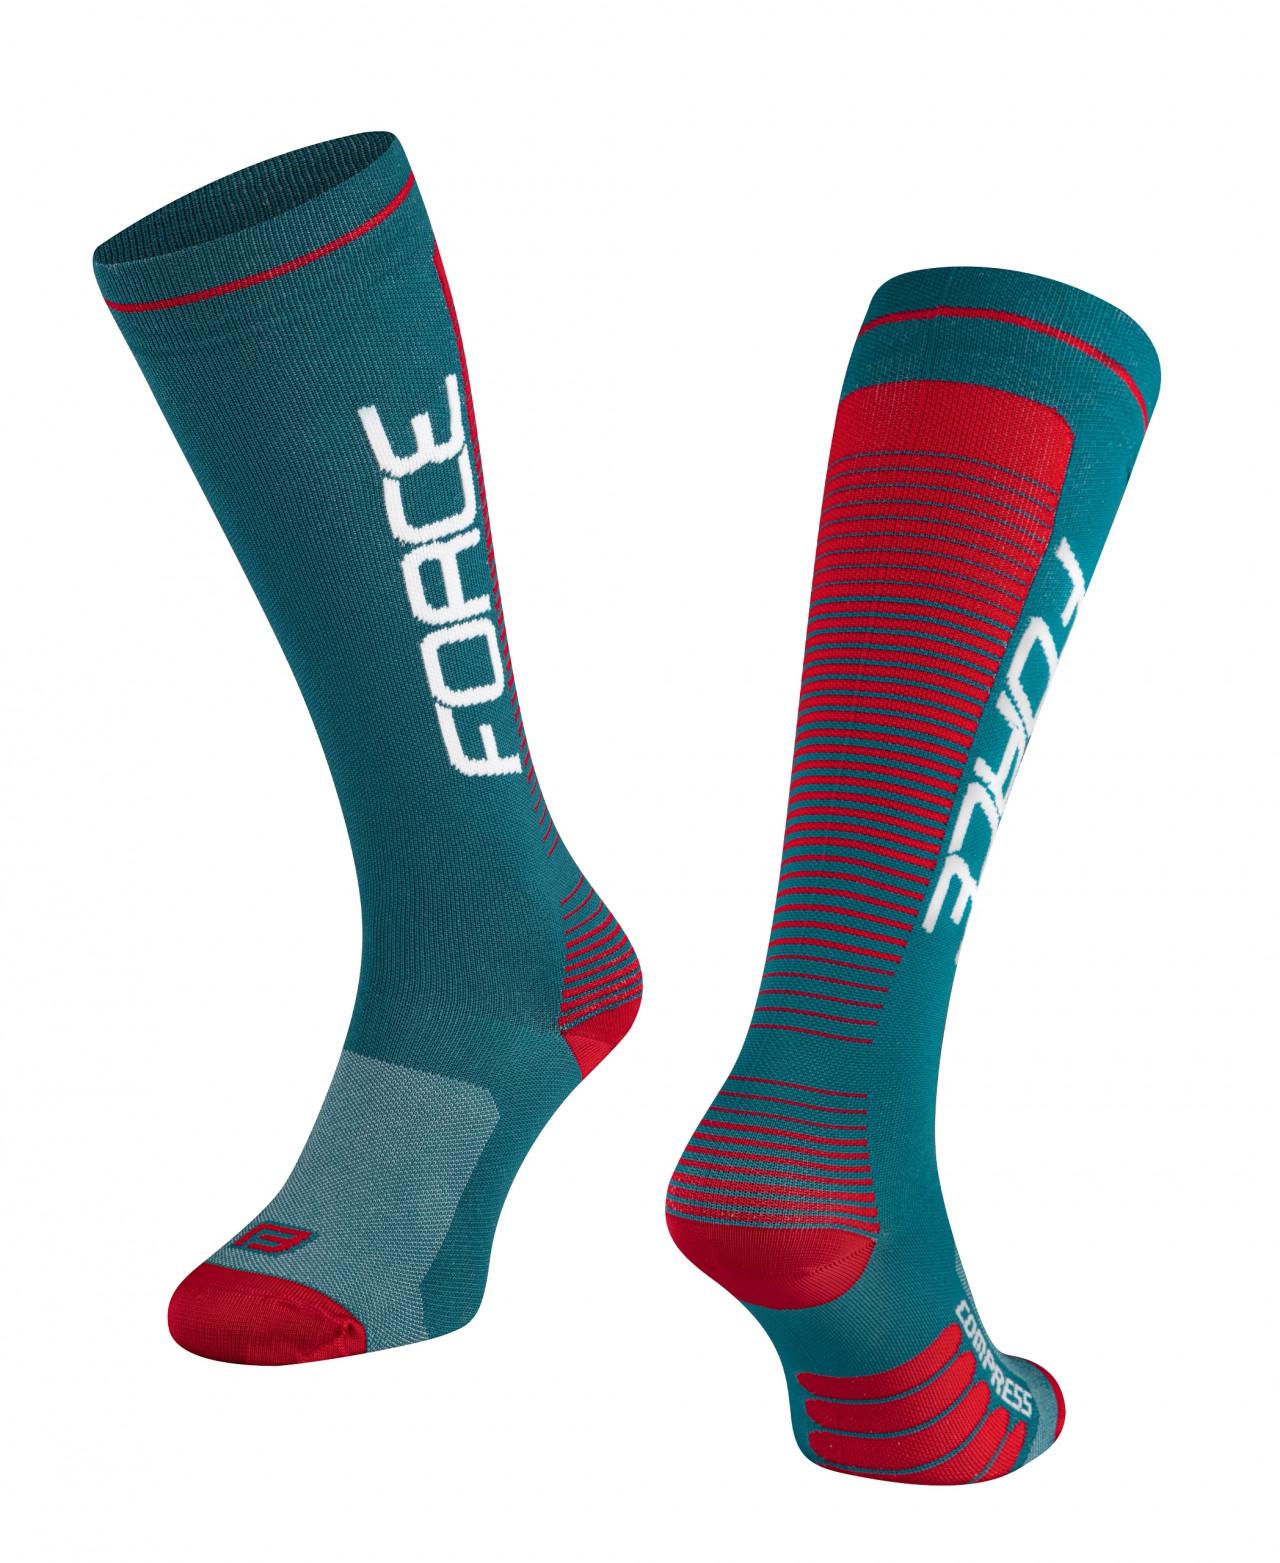 FORCE ponožky COMPRESS, petrolejovo-červené S-M/36-41